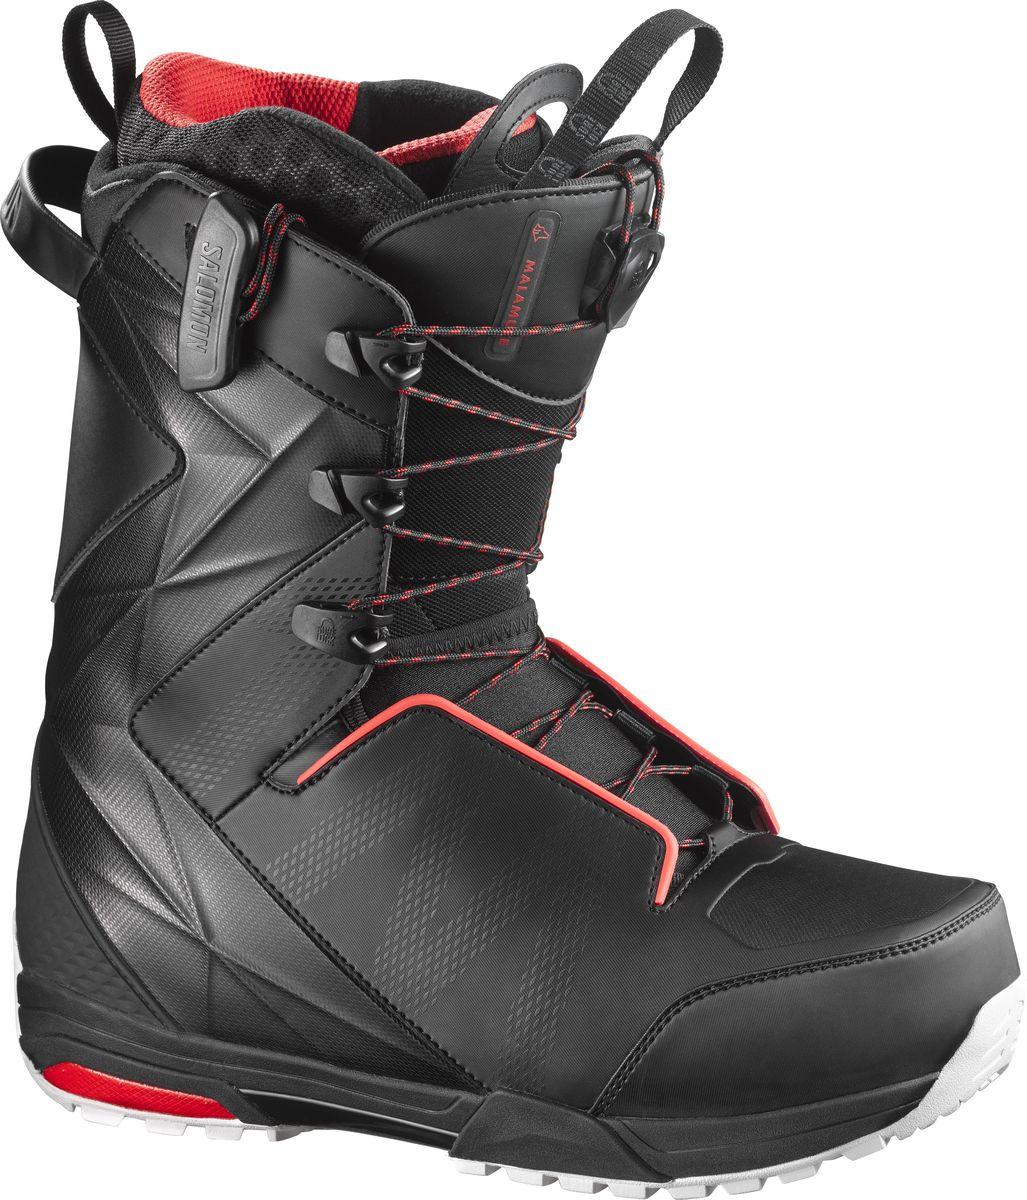 Ботинки для сноуборда Salomon Malamute, цвет: черный. Размер 30 (45,5)L39359500Самые гибкие ботинки для сноубординга Salomon Malamute с непревзойденной поддержкой поставляются в комплекте с новой стелькой двойной плотности Ortholite C3, которую отличают пена с эффектом памяти и пяточная чашка из сополимера EVA, и внутренним ботинком Platinum 4D для максимально комфортного катания. Встроенный ремешок задника Integrated Heel-Strap, вставка Power Frame и Energizer Bars обеспечивают индивидуальную и четкую посадку по ноге. В модели используются подошва Hike, гарантирующая отличное сцепление, и знаменитая шнуровка PowerLock, которая отлично фиксирует ногу.